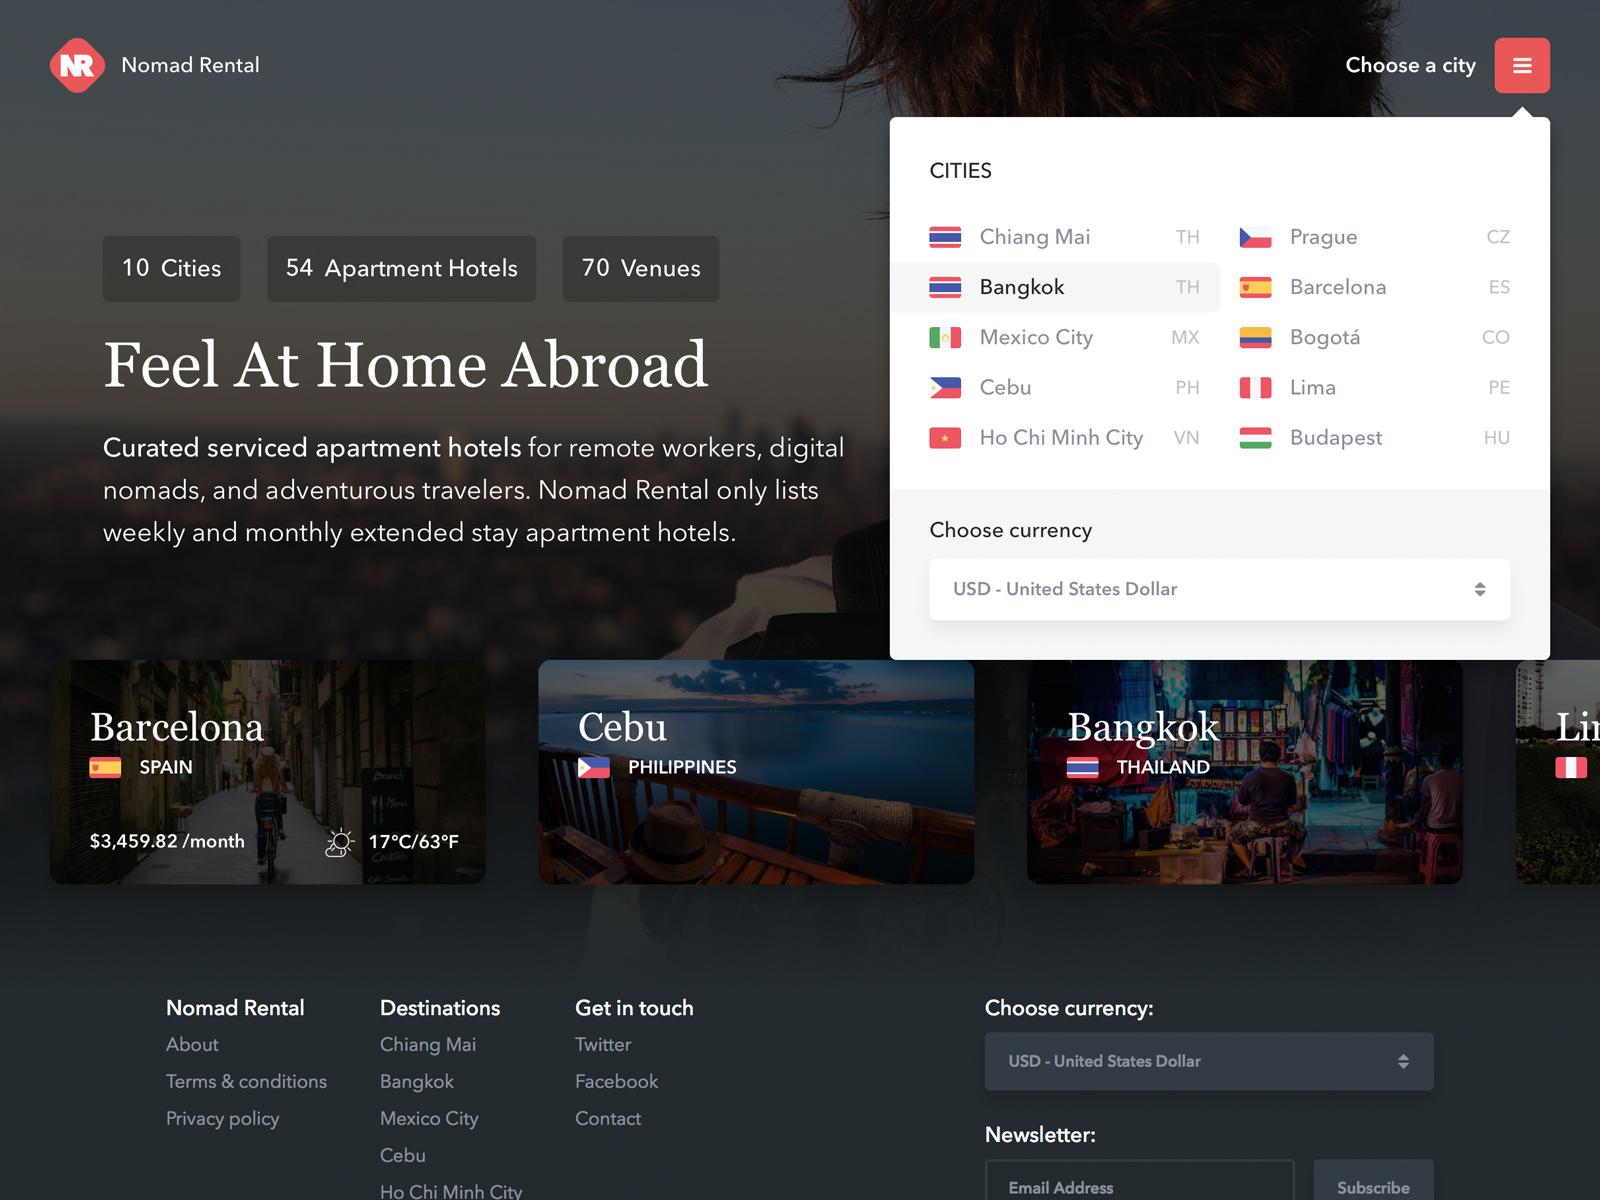 01 nomad rental redesign big